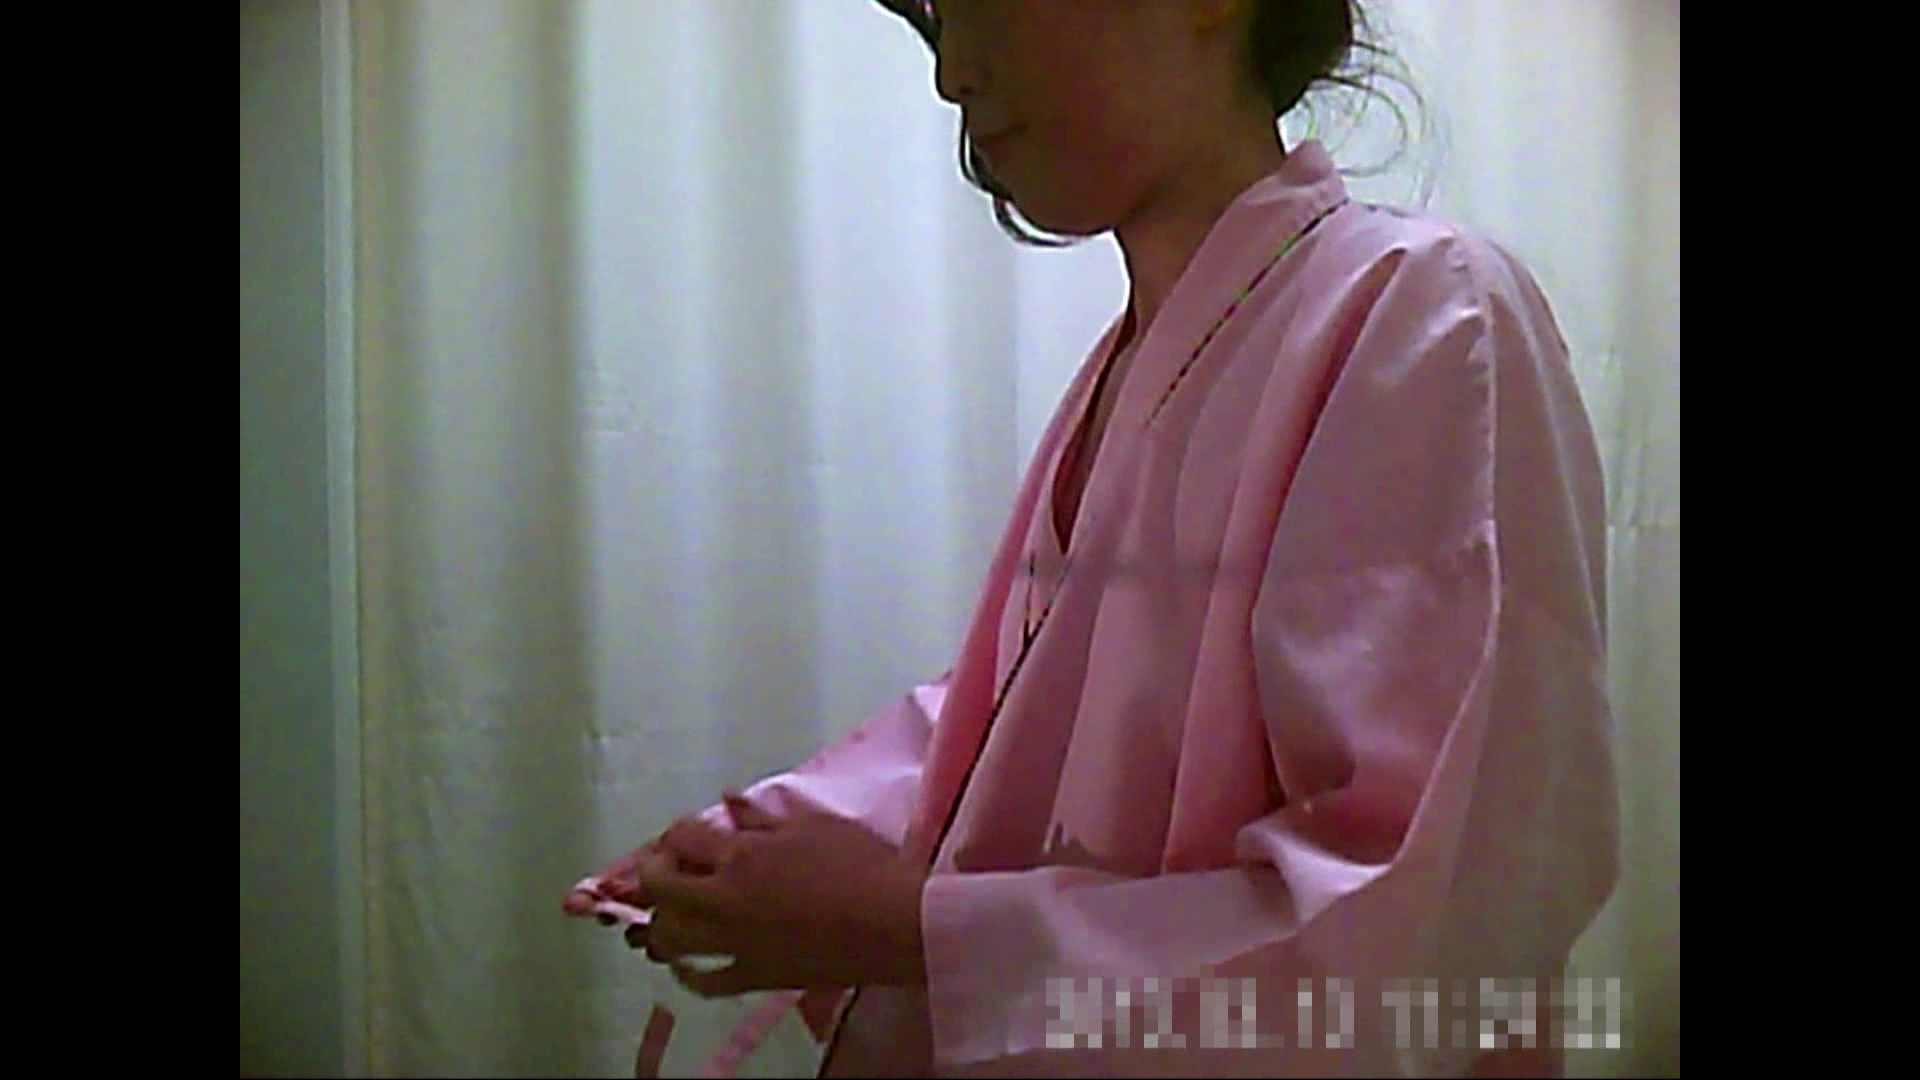 元医者による反抗 更衣室地獄絵巻 vol.097 OLハメ撮り  39Pix 25